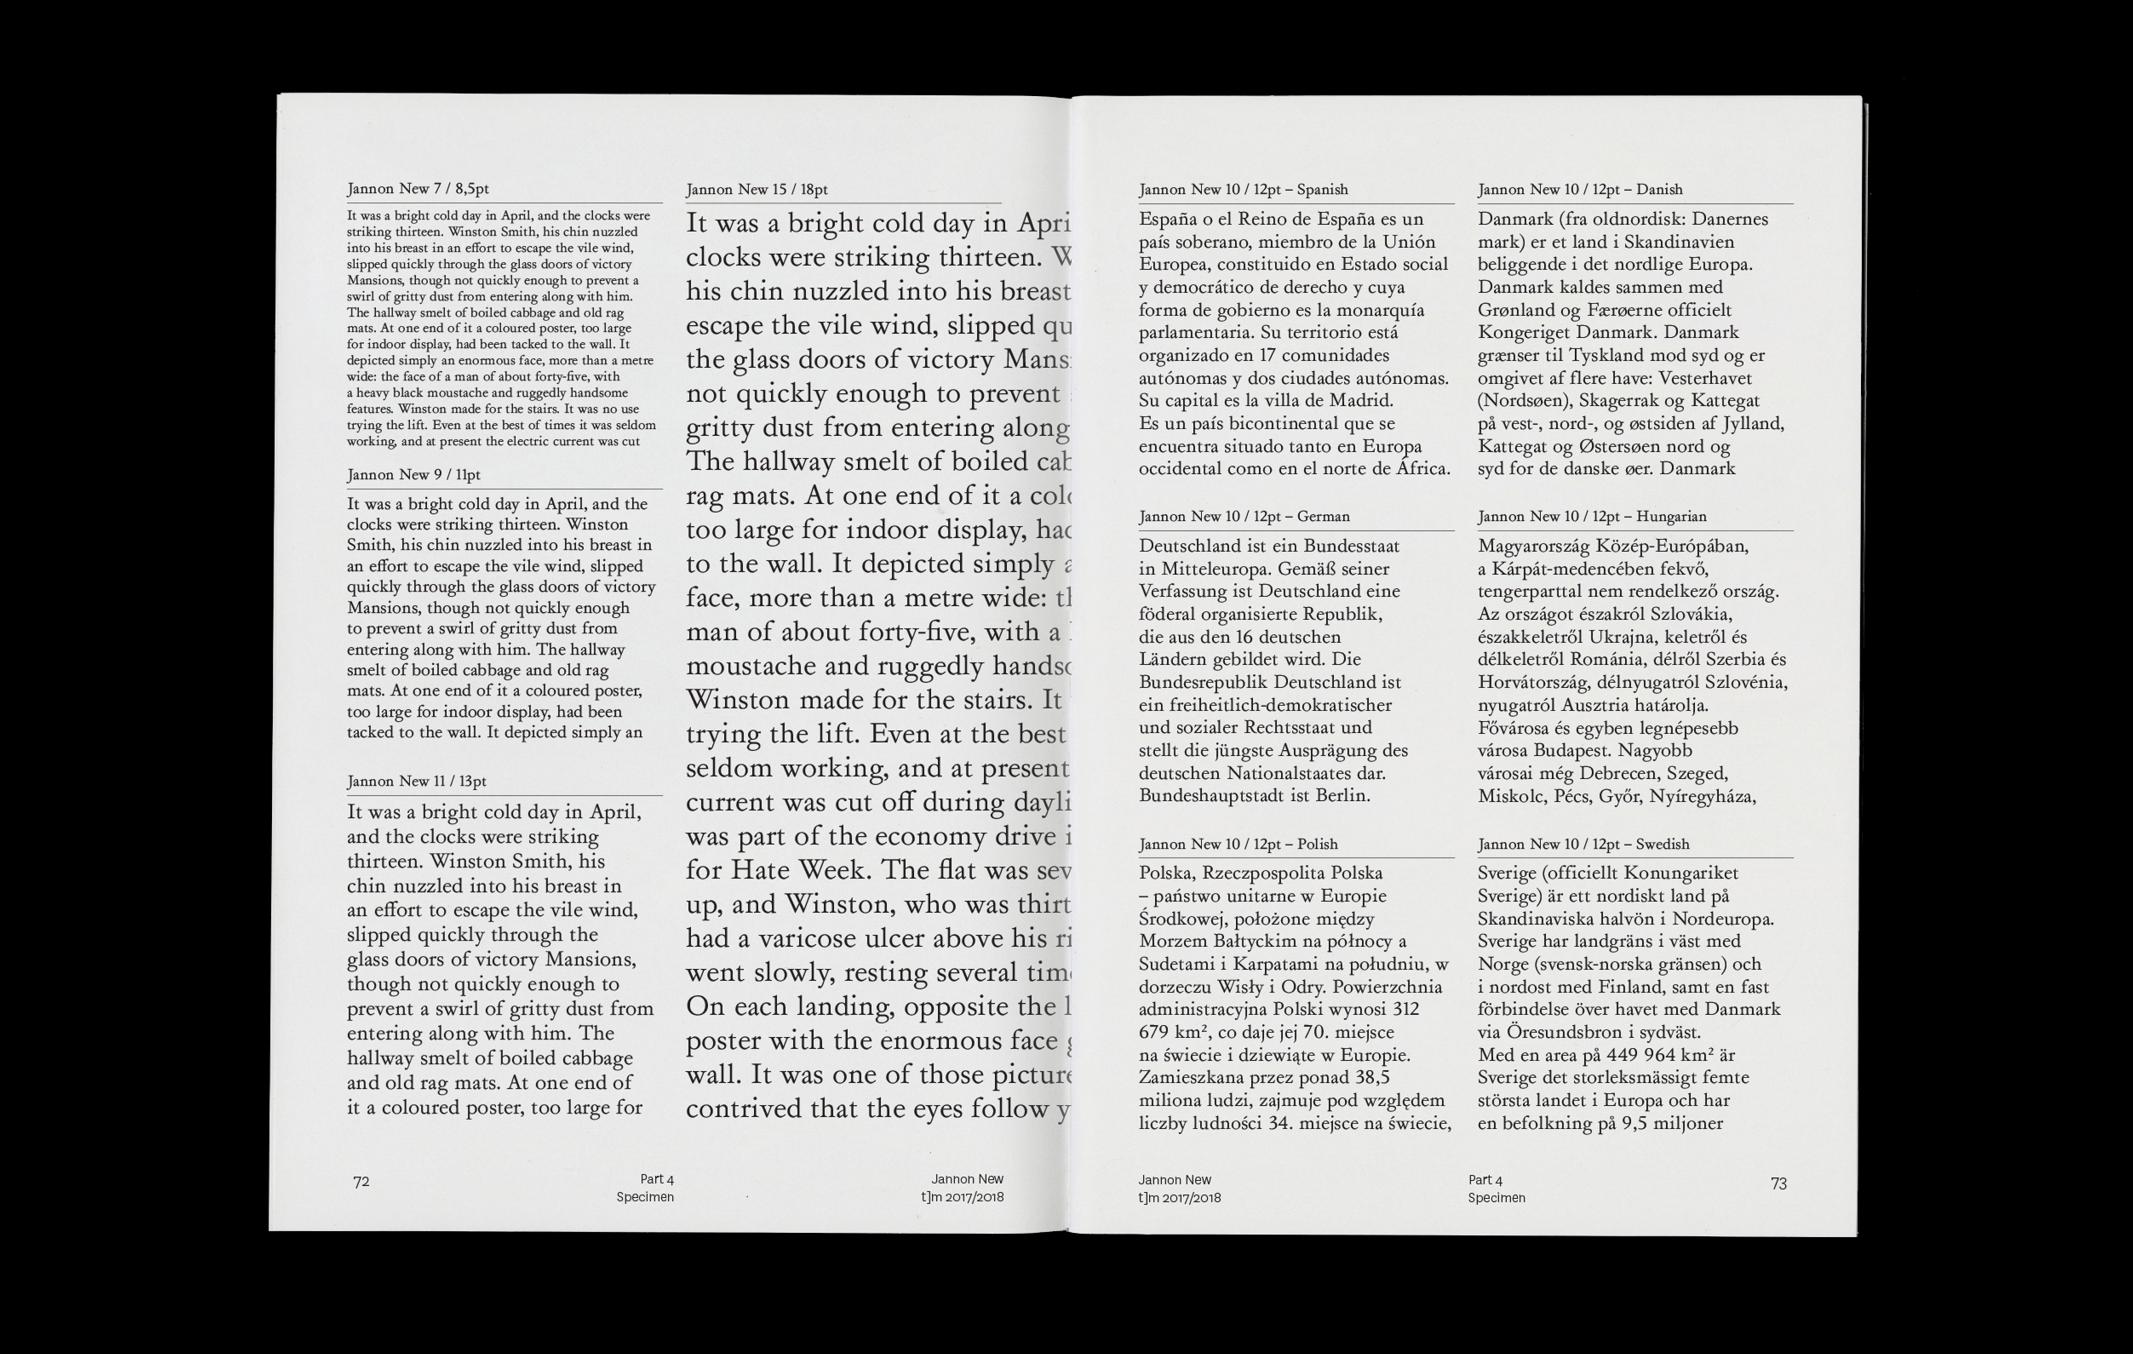 Carlos_de_Toro_Type_Design4 (2)